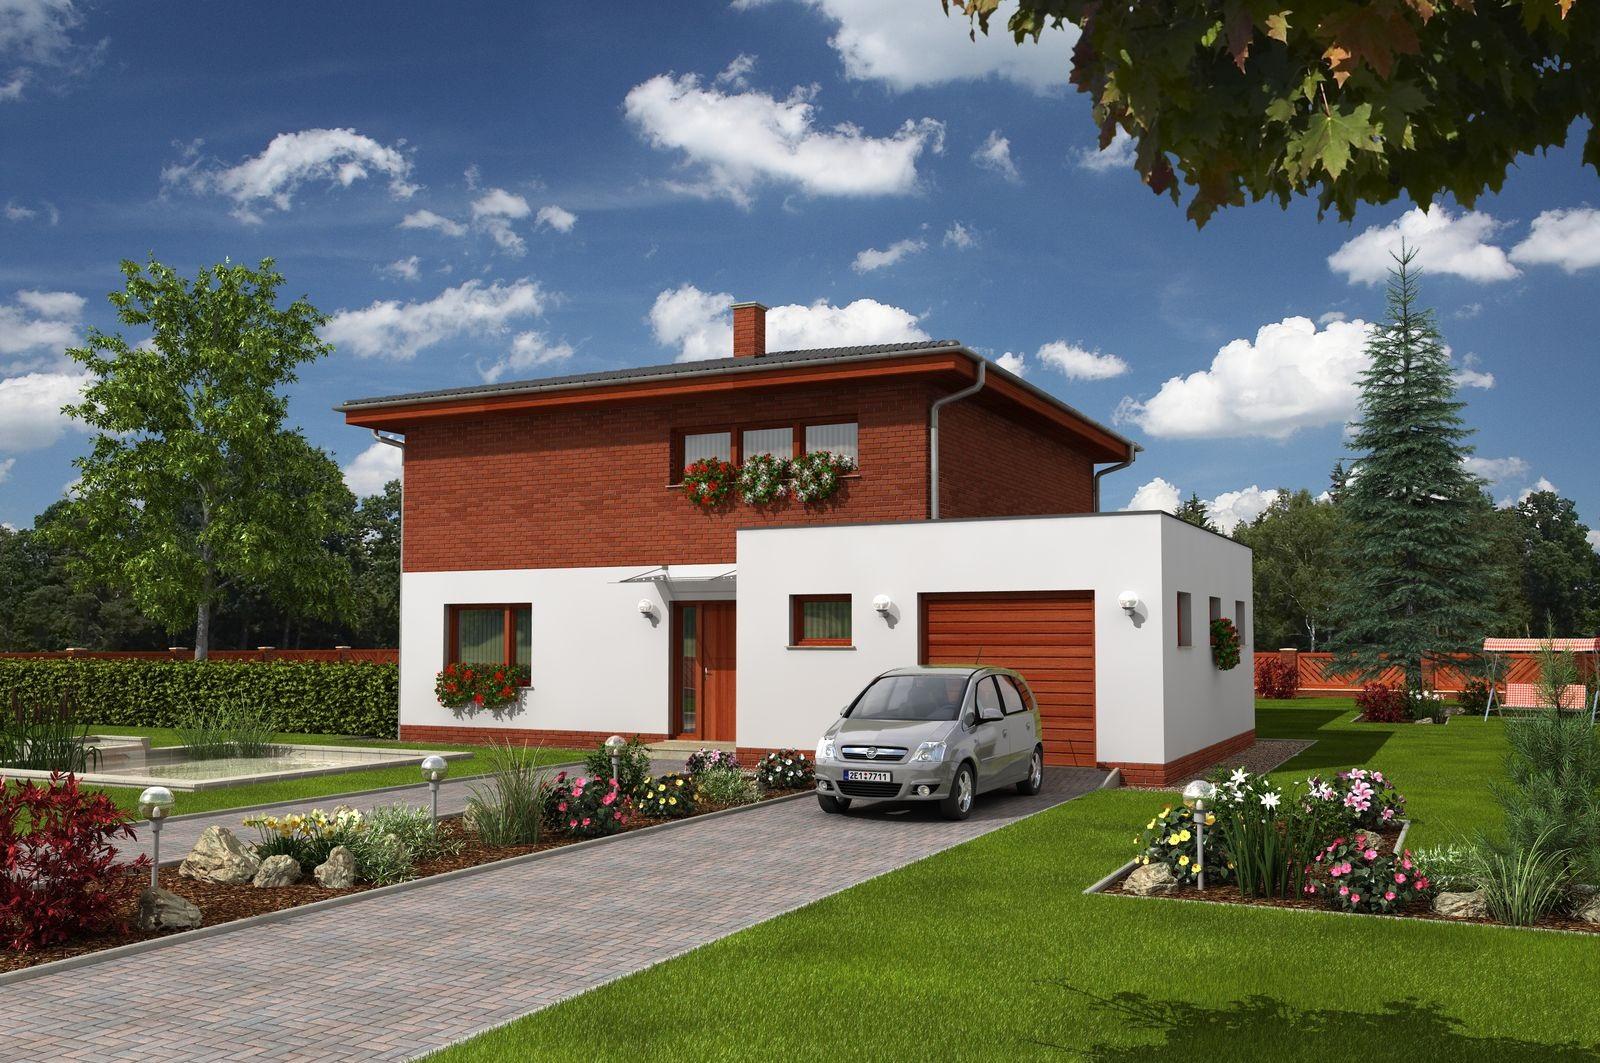 Proiect de casa cu etaj si garaj care isi plateste singura facturile